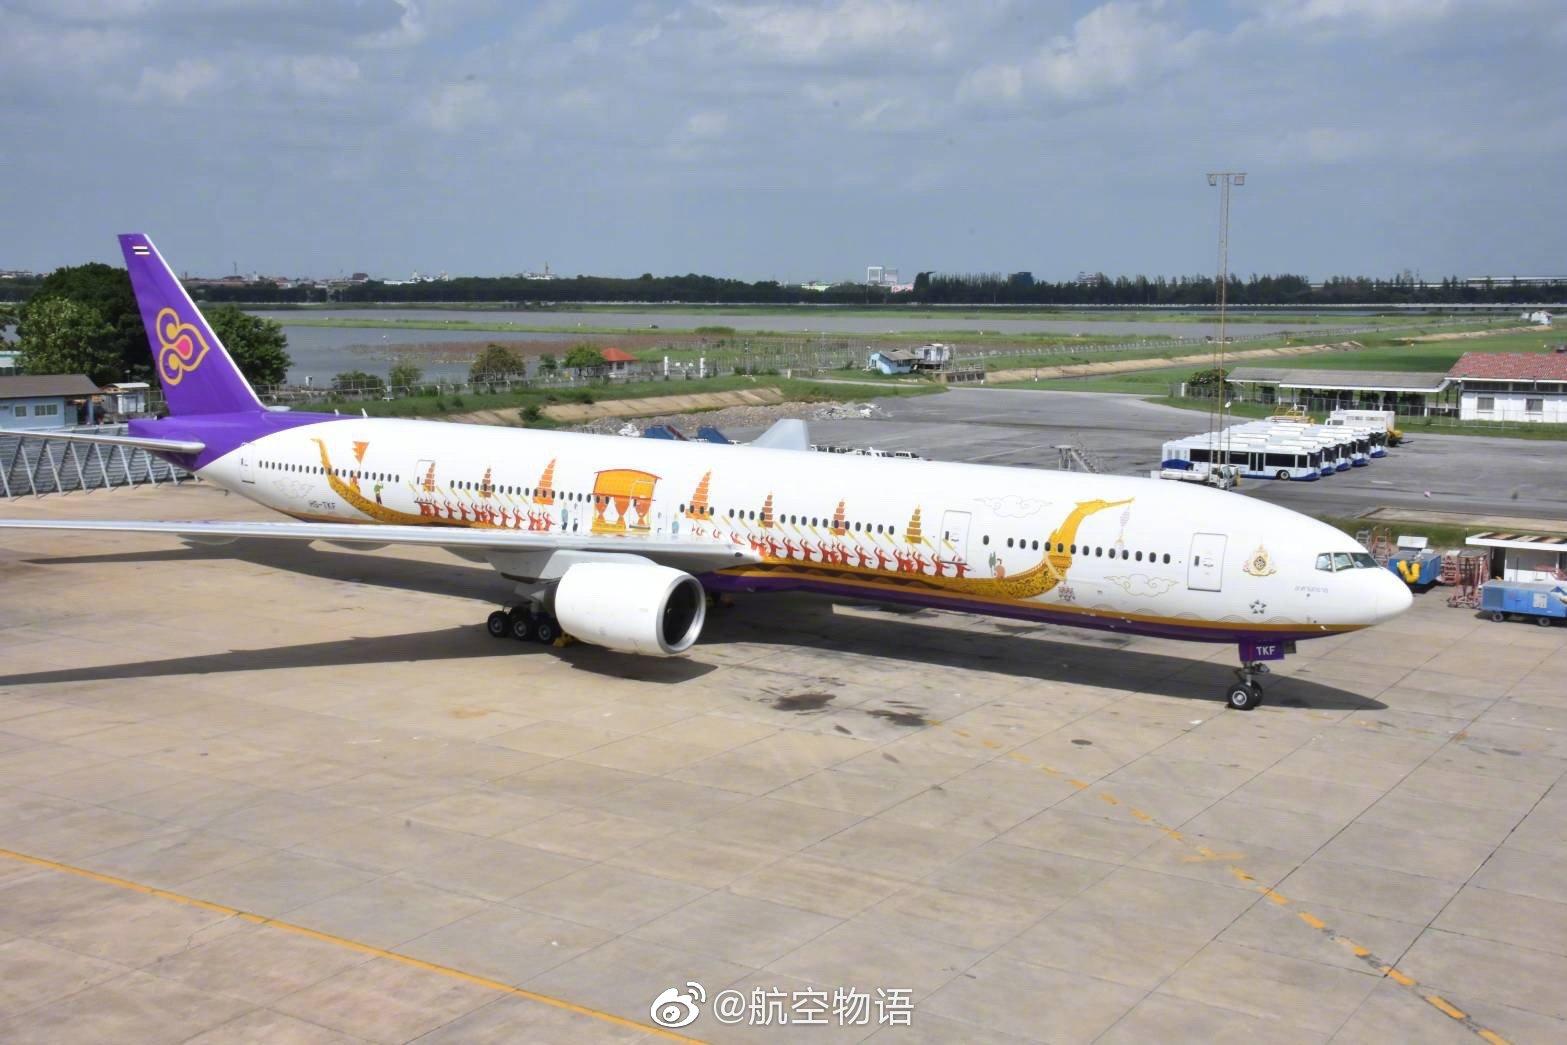 泰国航空推出一架新龙舟彩绘飞机。波音777(机号TS-TKF)